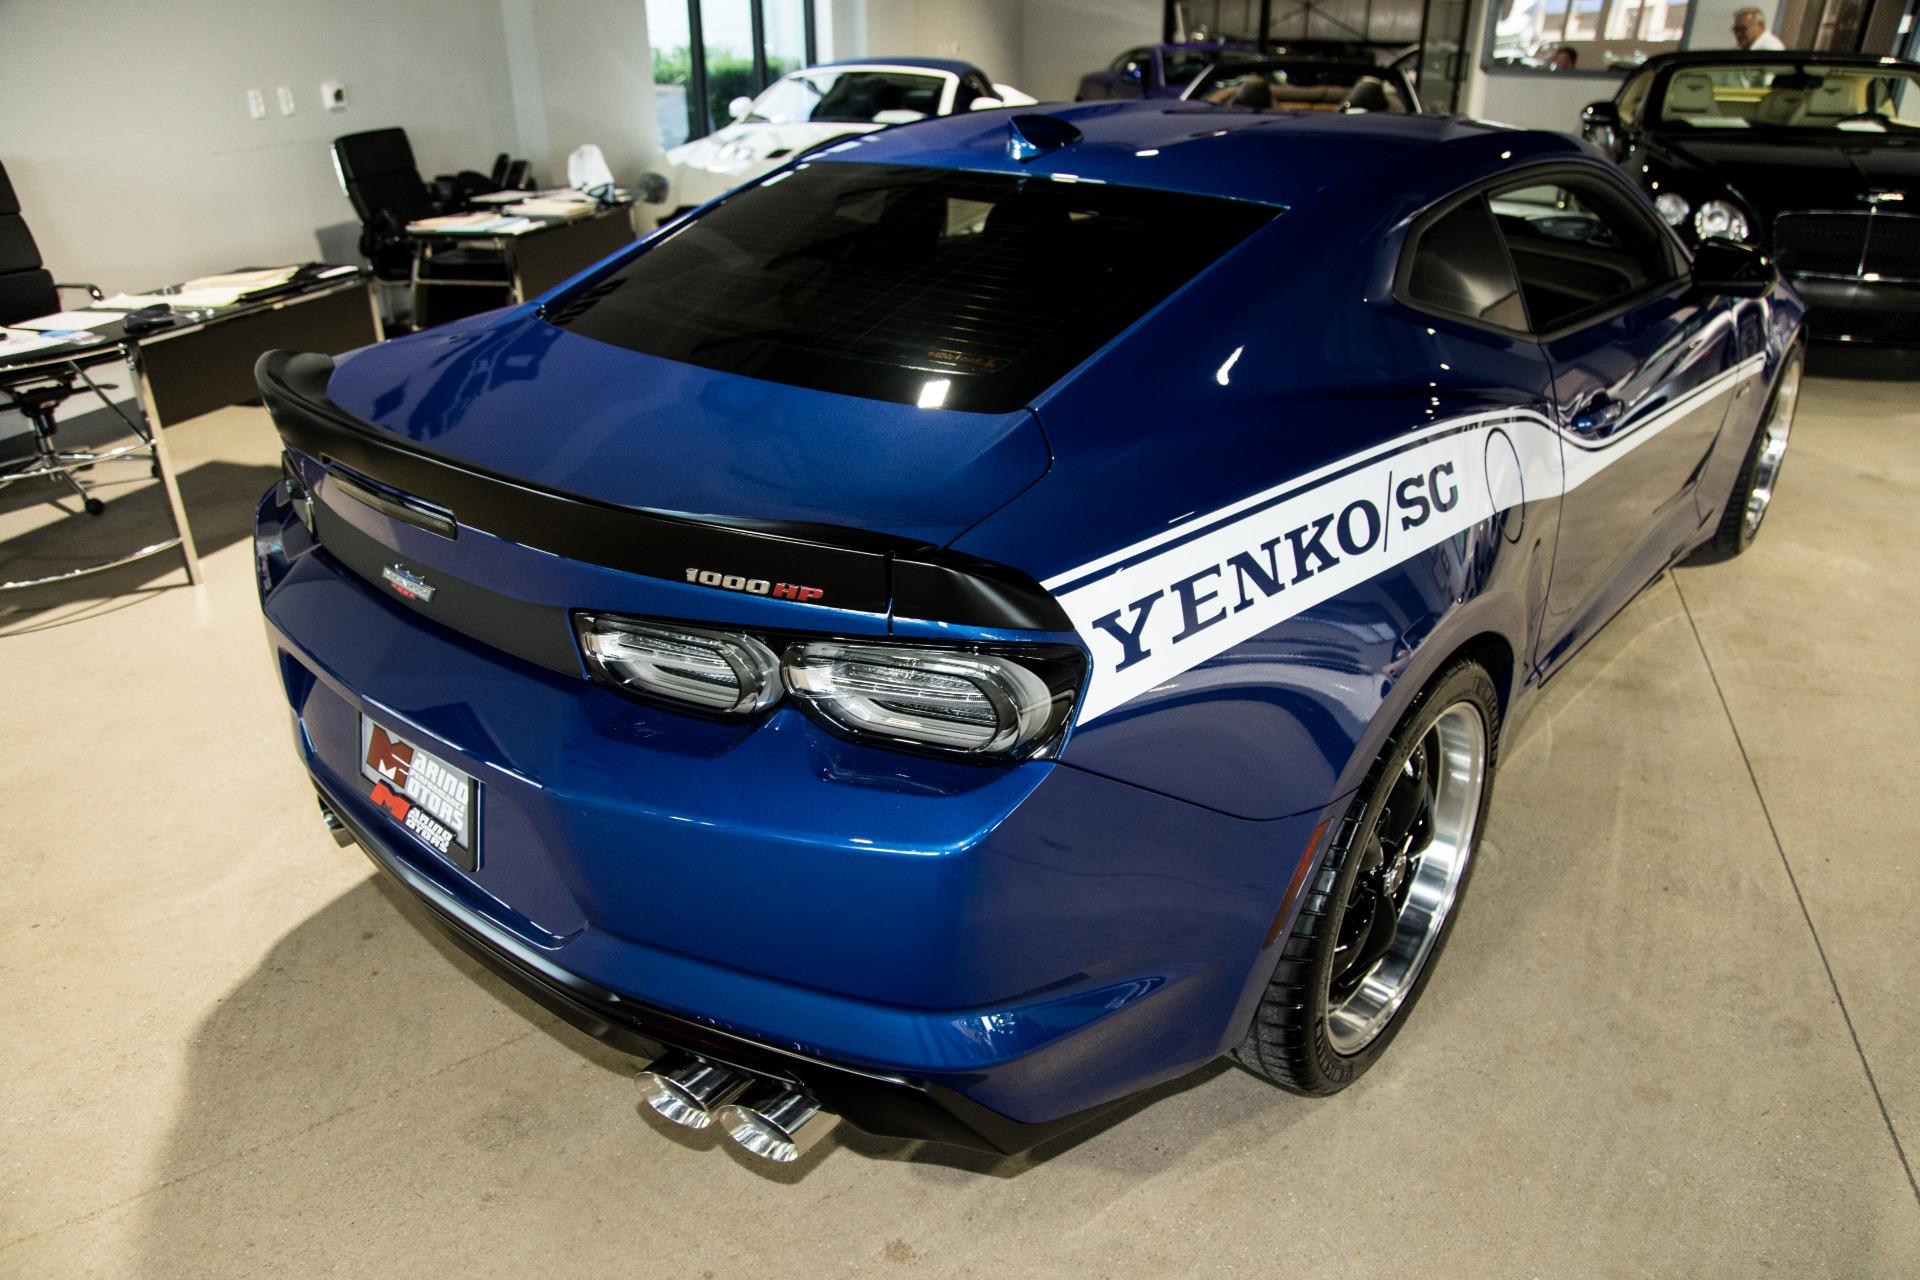 Used-2019-Chevrolet-Camaro-SS-Yenko/Sc-Stage-2